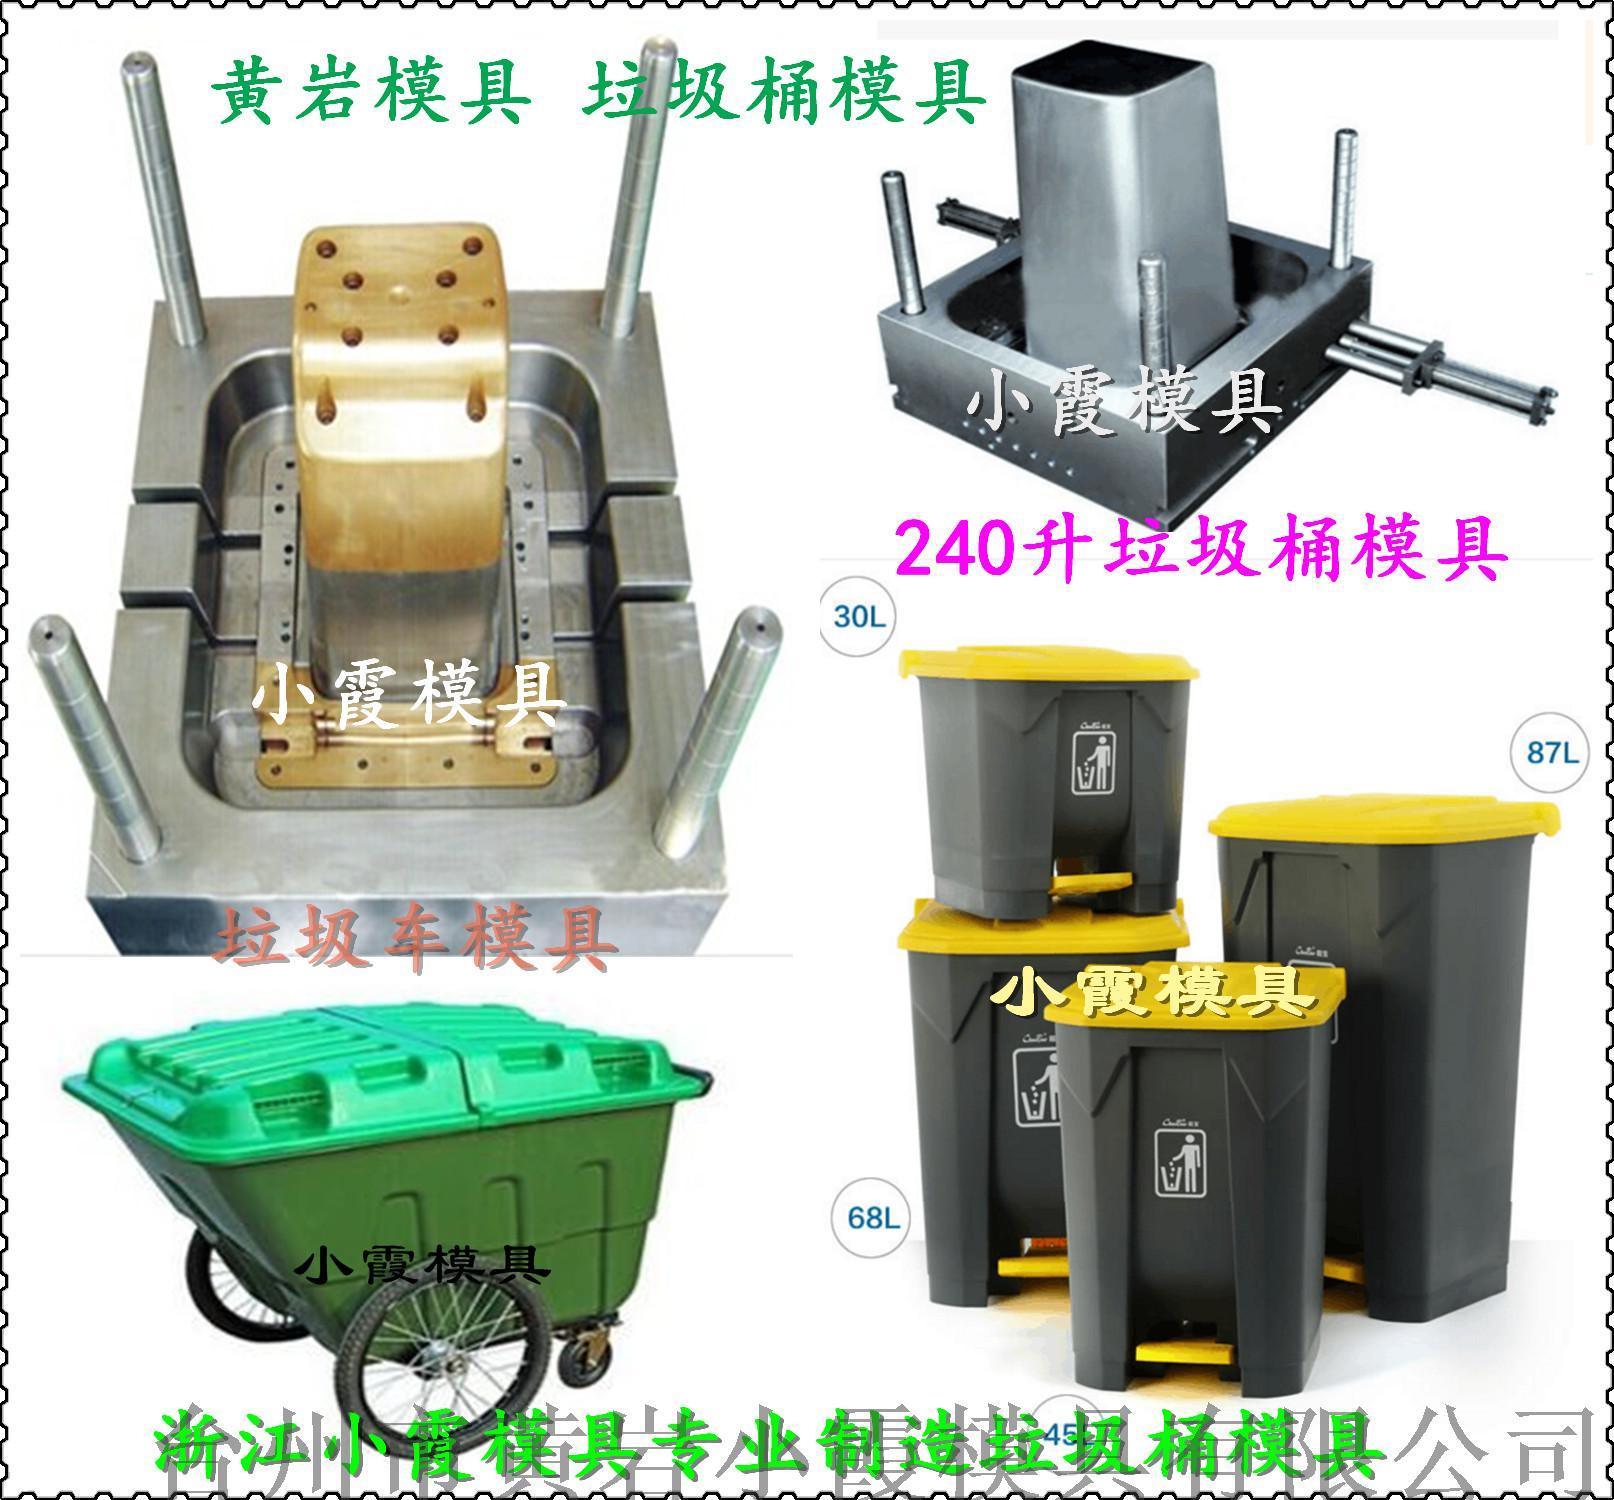 塑胶垃圾桶模具 (1).jpg